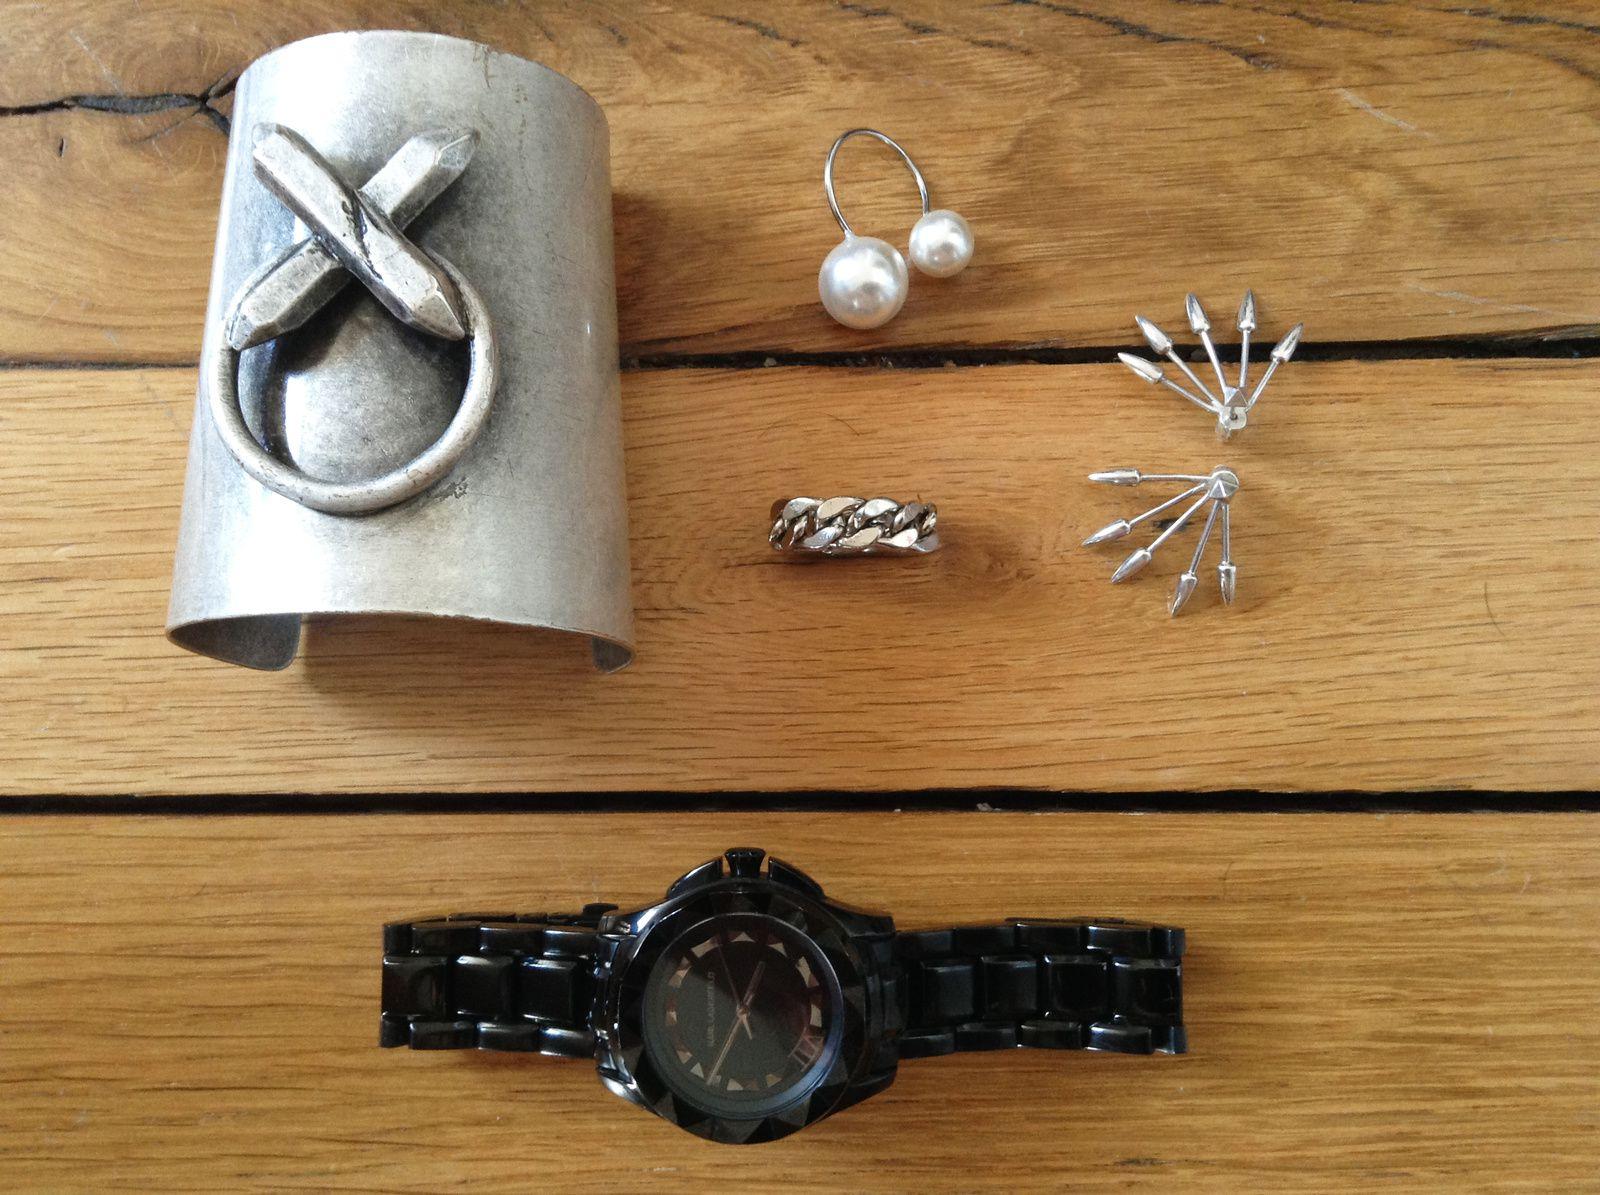 Manchette Luv AJ, Bague perles chez Franck & Fils, Bague gourmette sur etsy, B.O 5 spikes Pamela Love, Montre Karl Lagerfeld